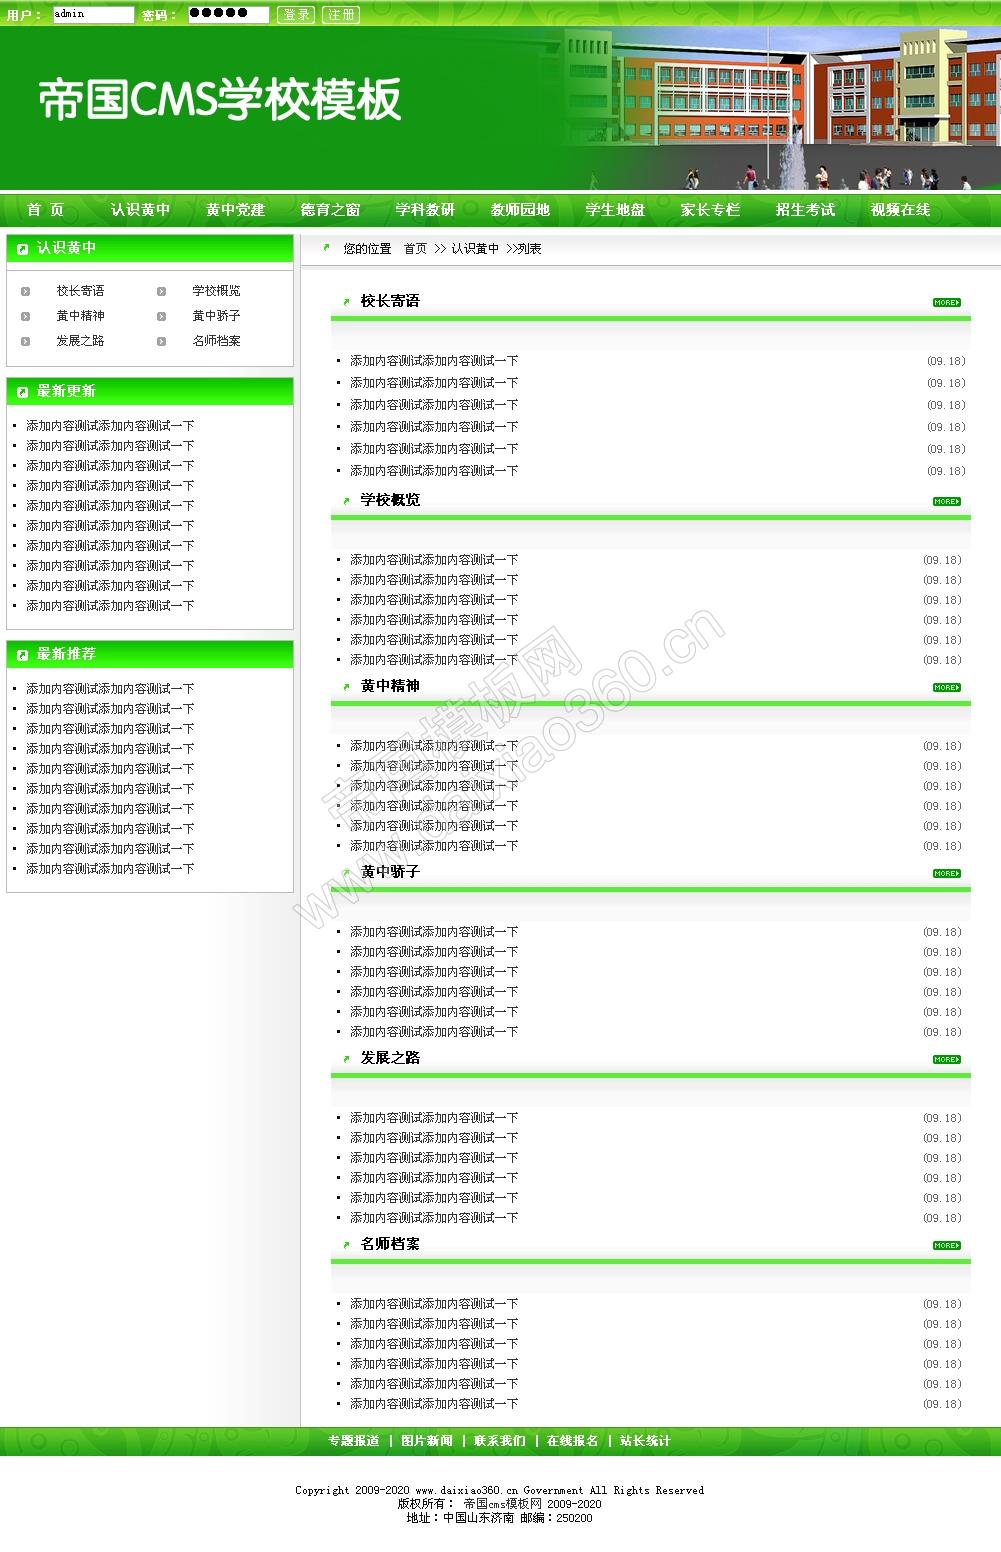 帝国学校模板帝国cms绿色学校网站程序模板_频道页